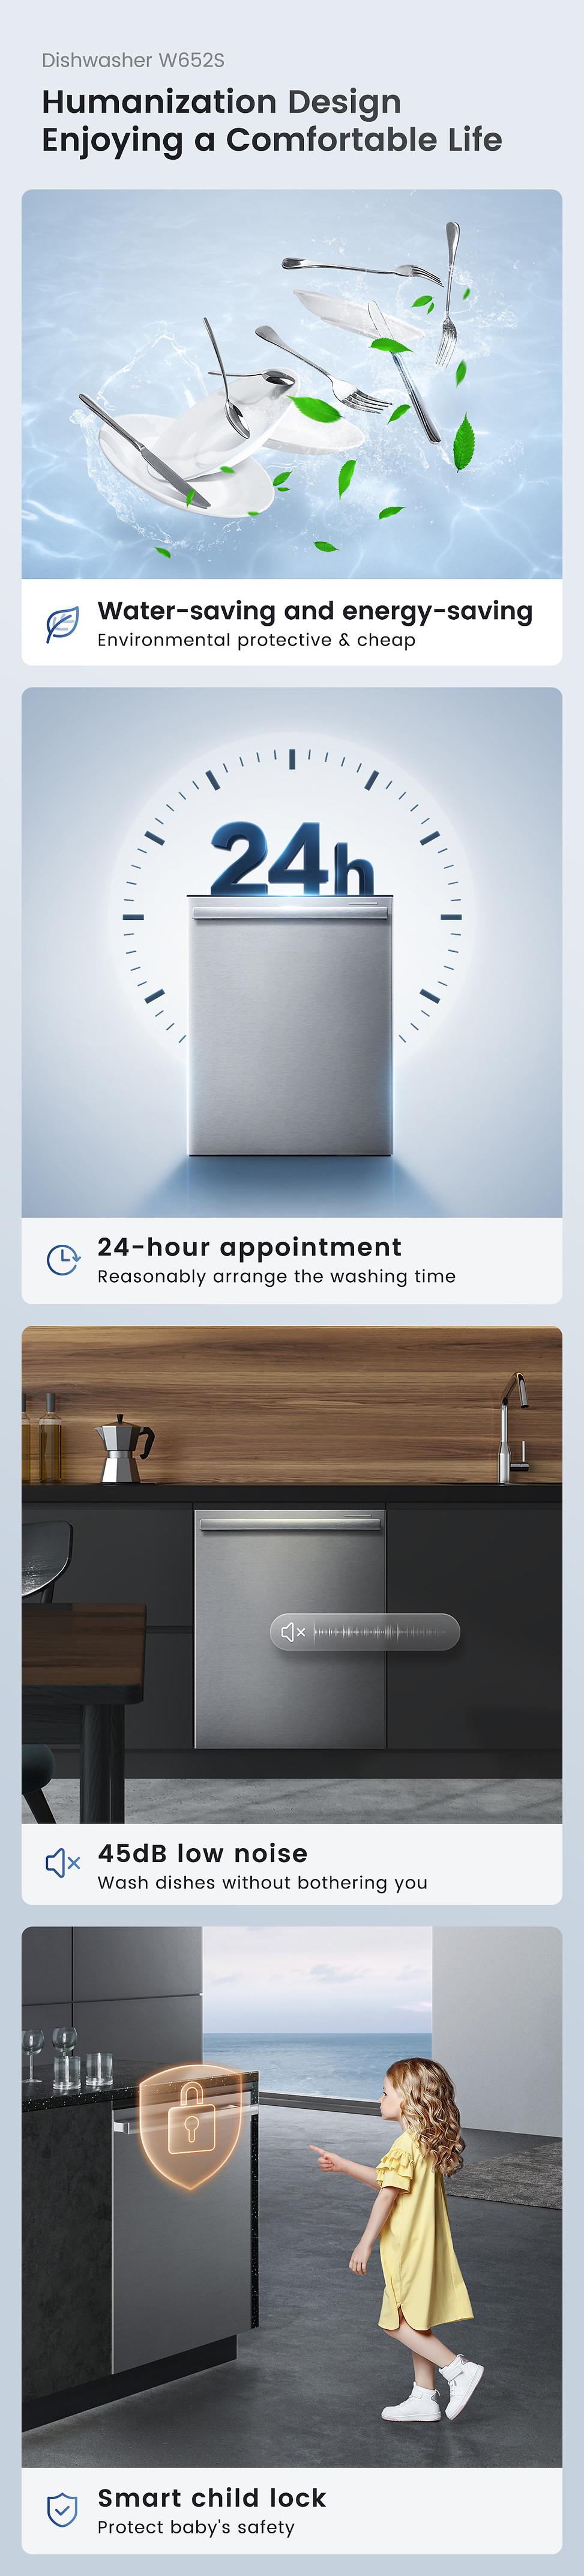 20210105老板洗碗机-英文版交付_07.jpg